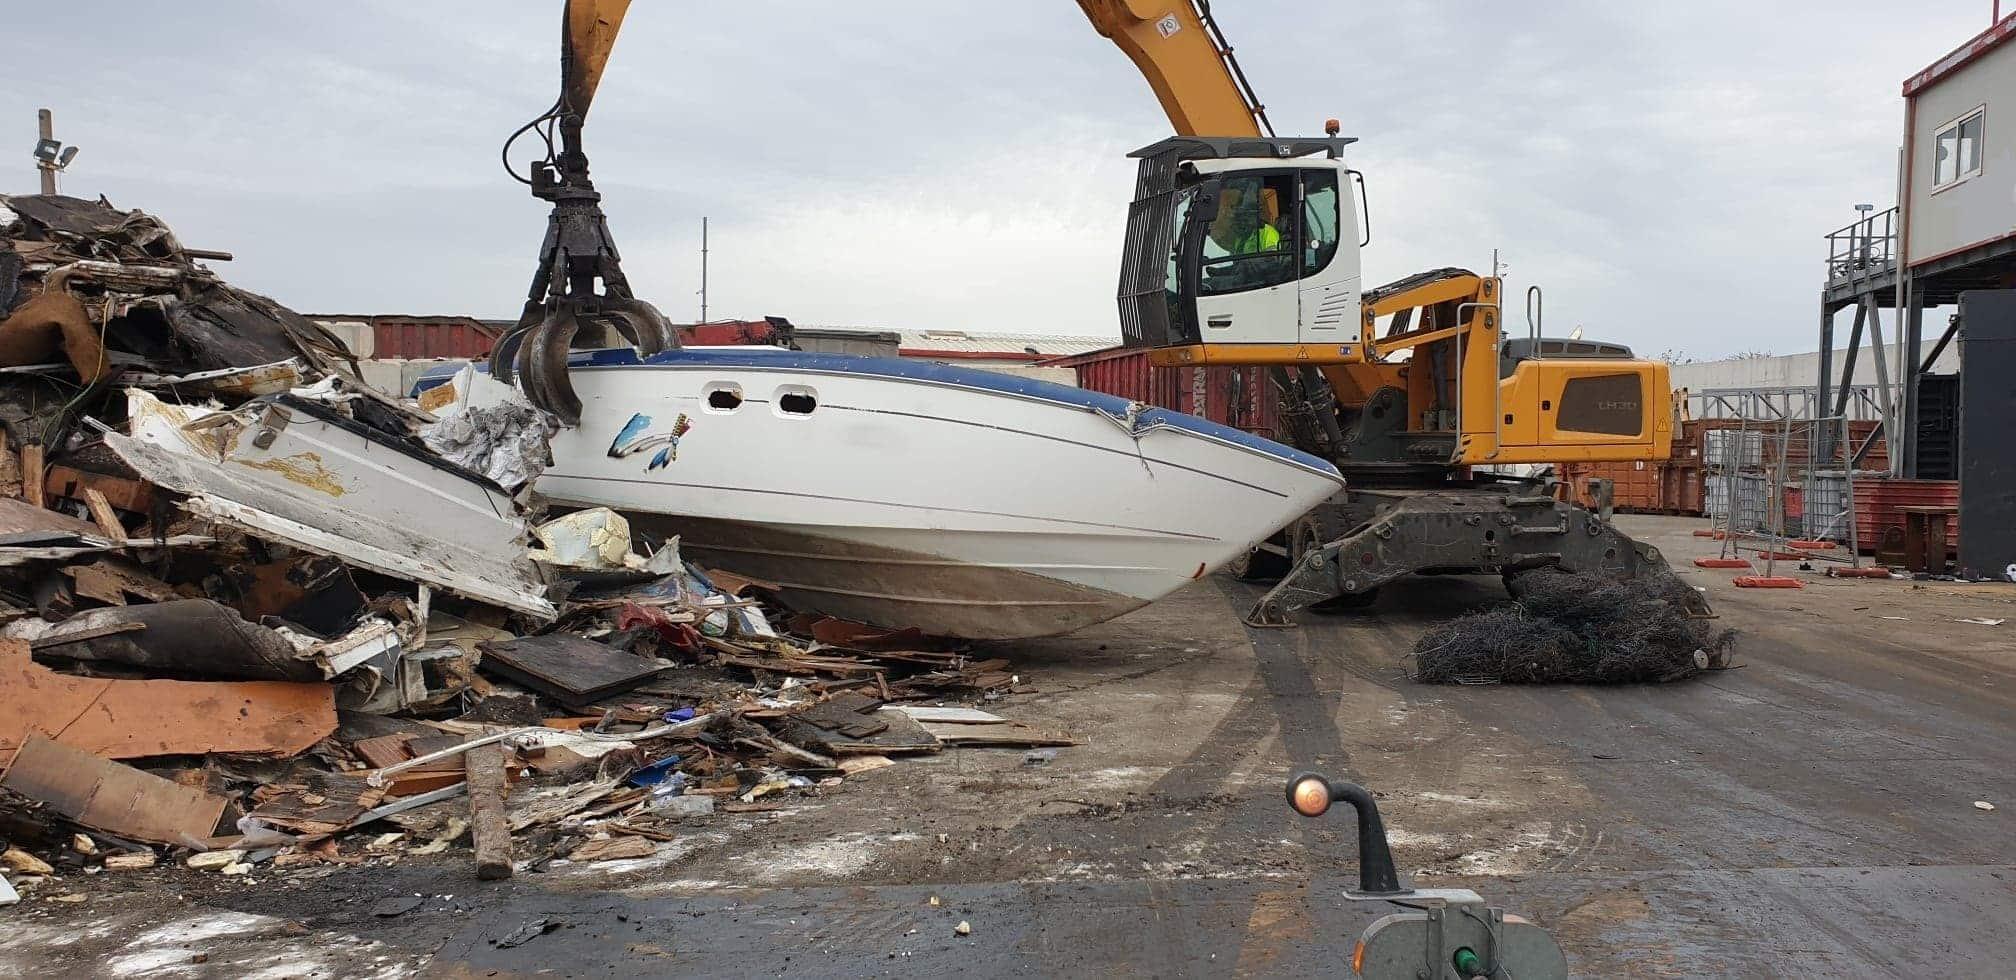 Enlèvement et destruction de navires